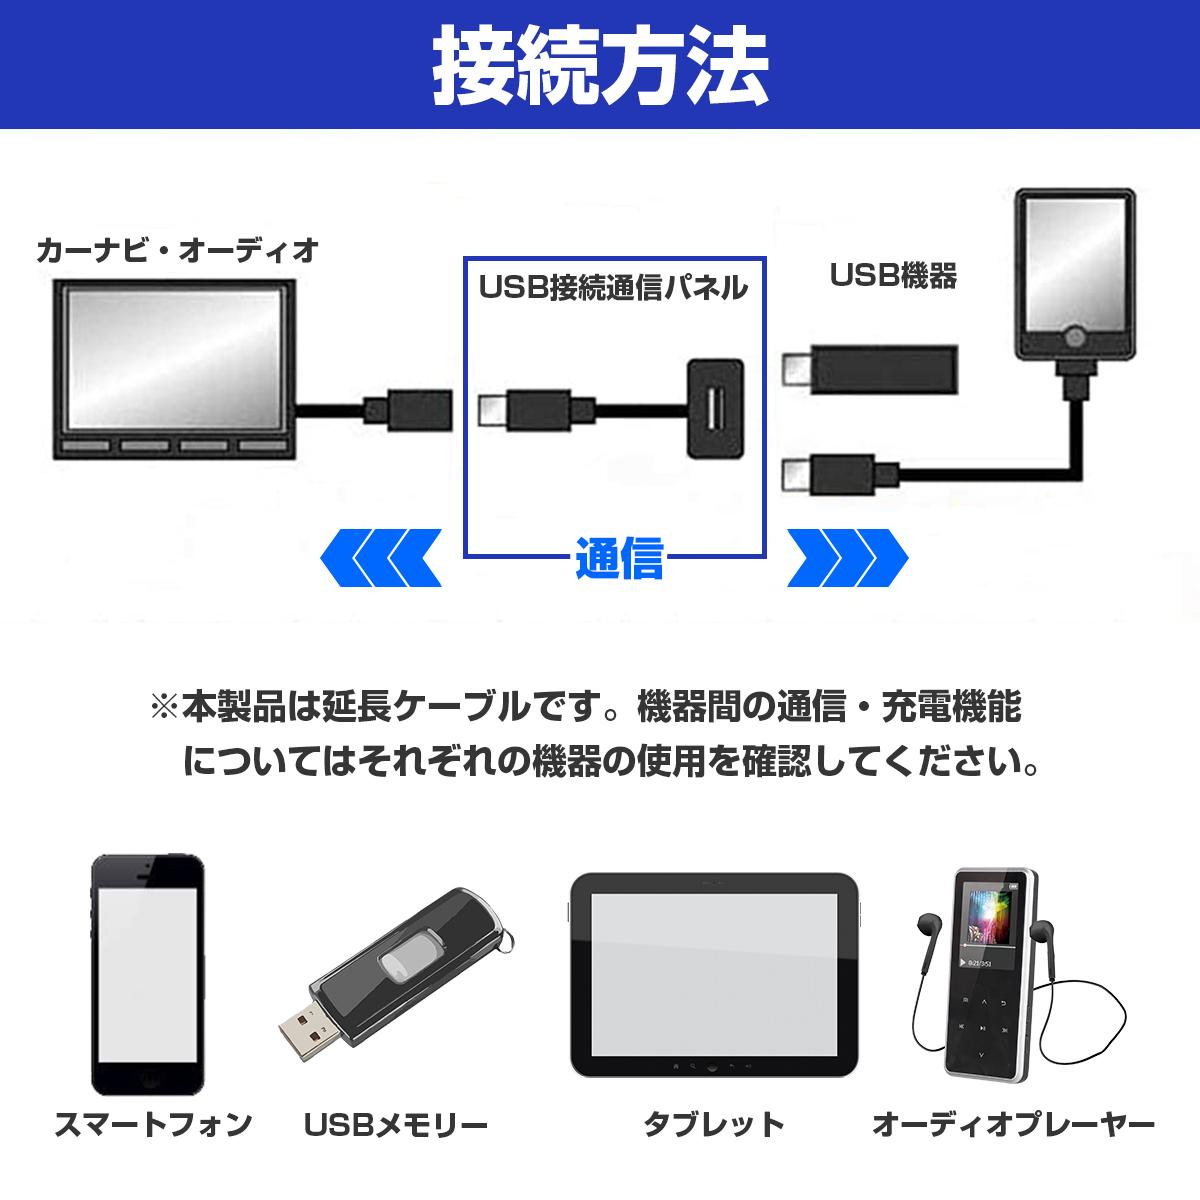 【トヨタAタイプ】 ヴィッツ UZJ/HDJ100系 H17.2~H22.11 純正風 USB接続通信パネル 配線付 USB1ポート 埋め込み 増設USBケーブル 2.1A 12V_画像4